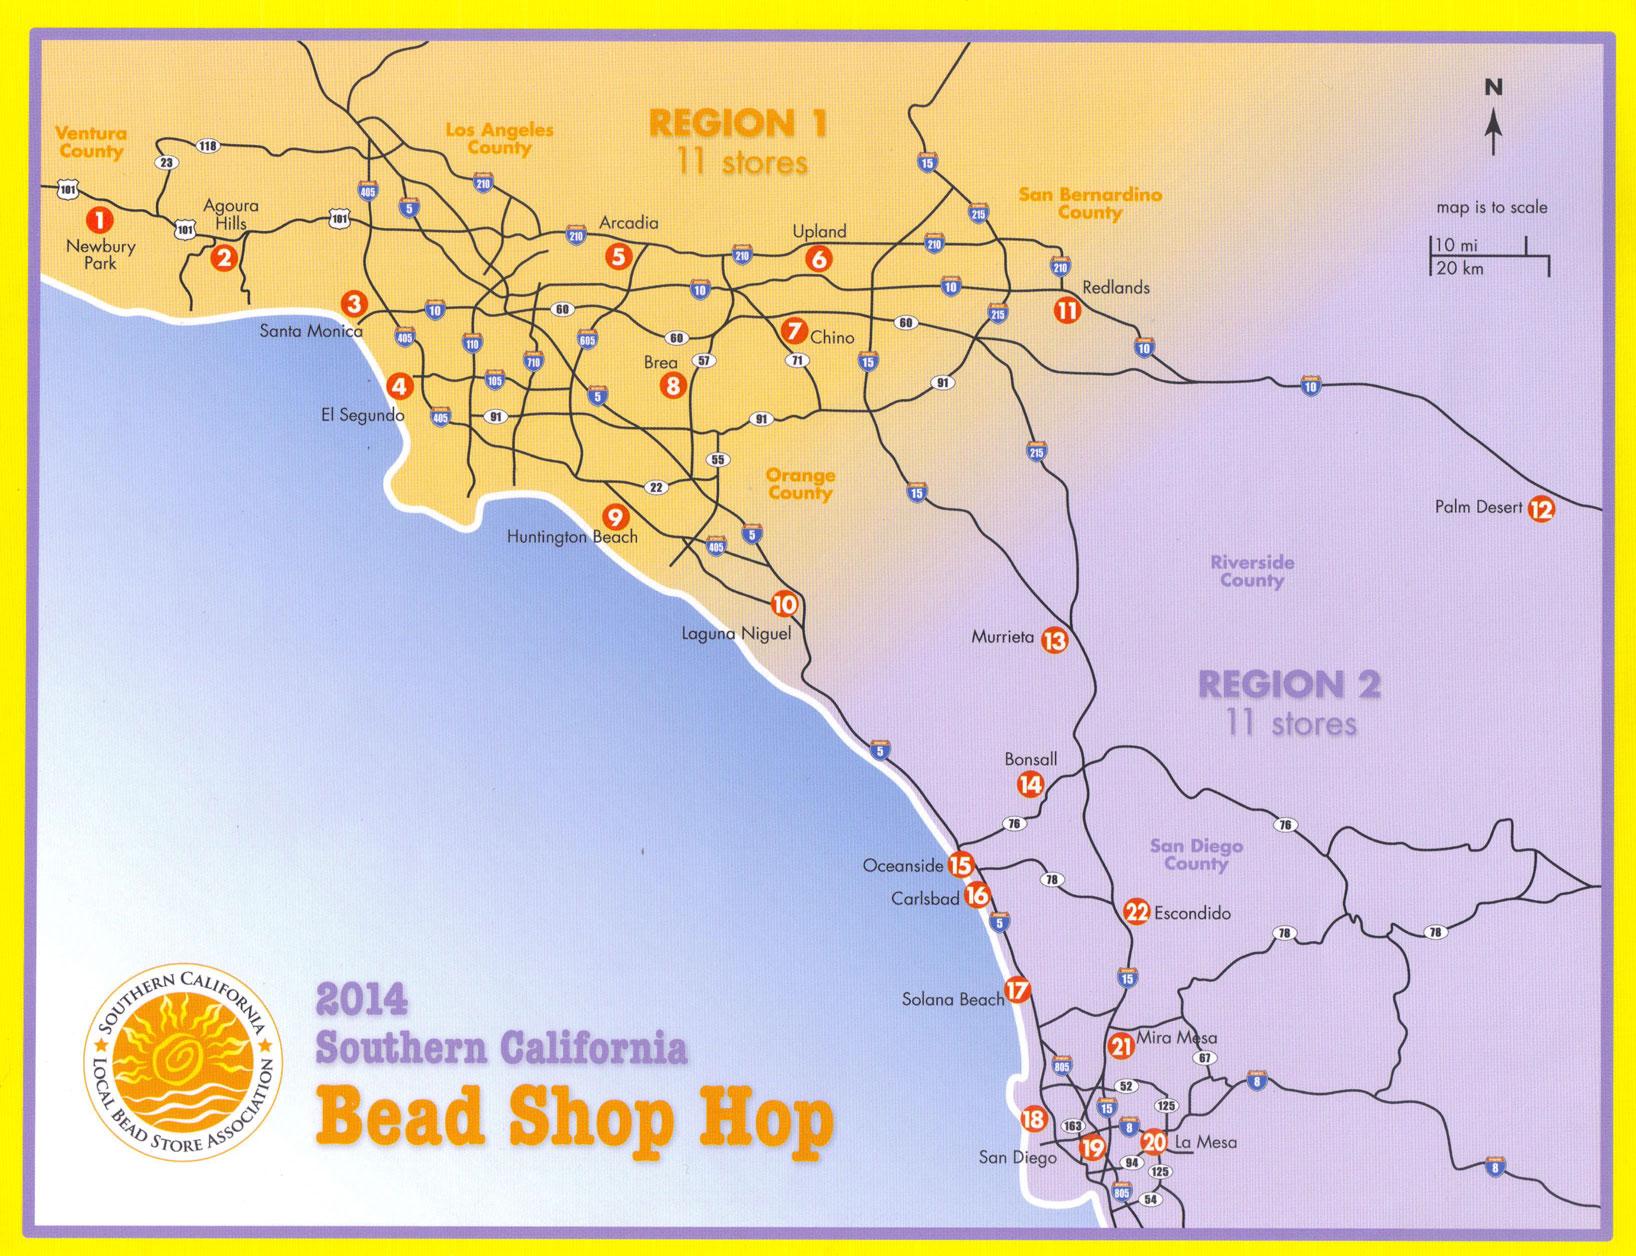 2014-So-Cal-Bead-Shop-Hop